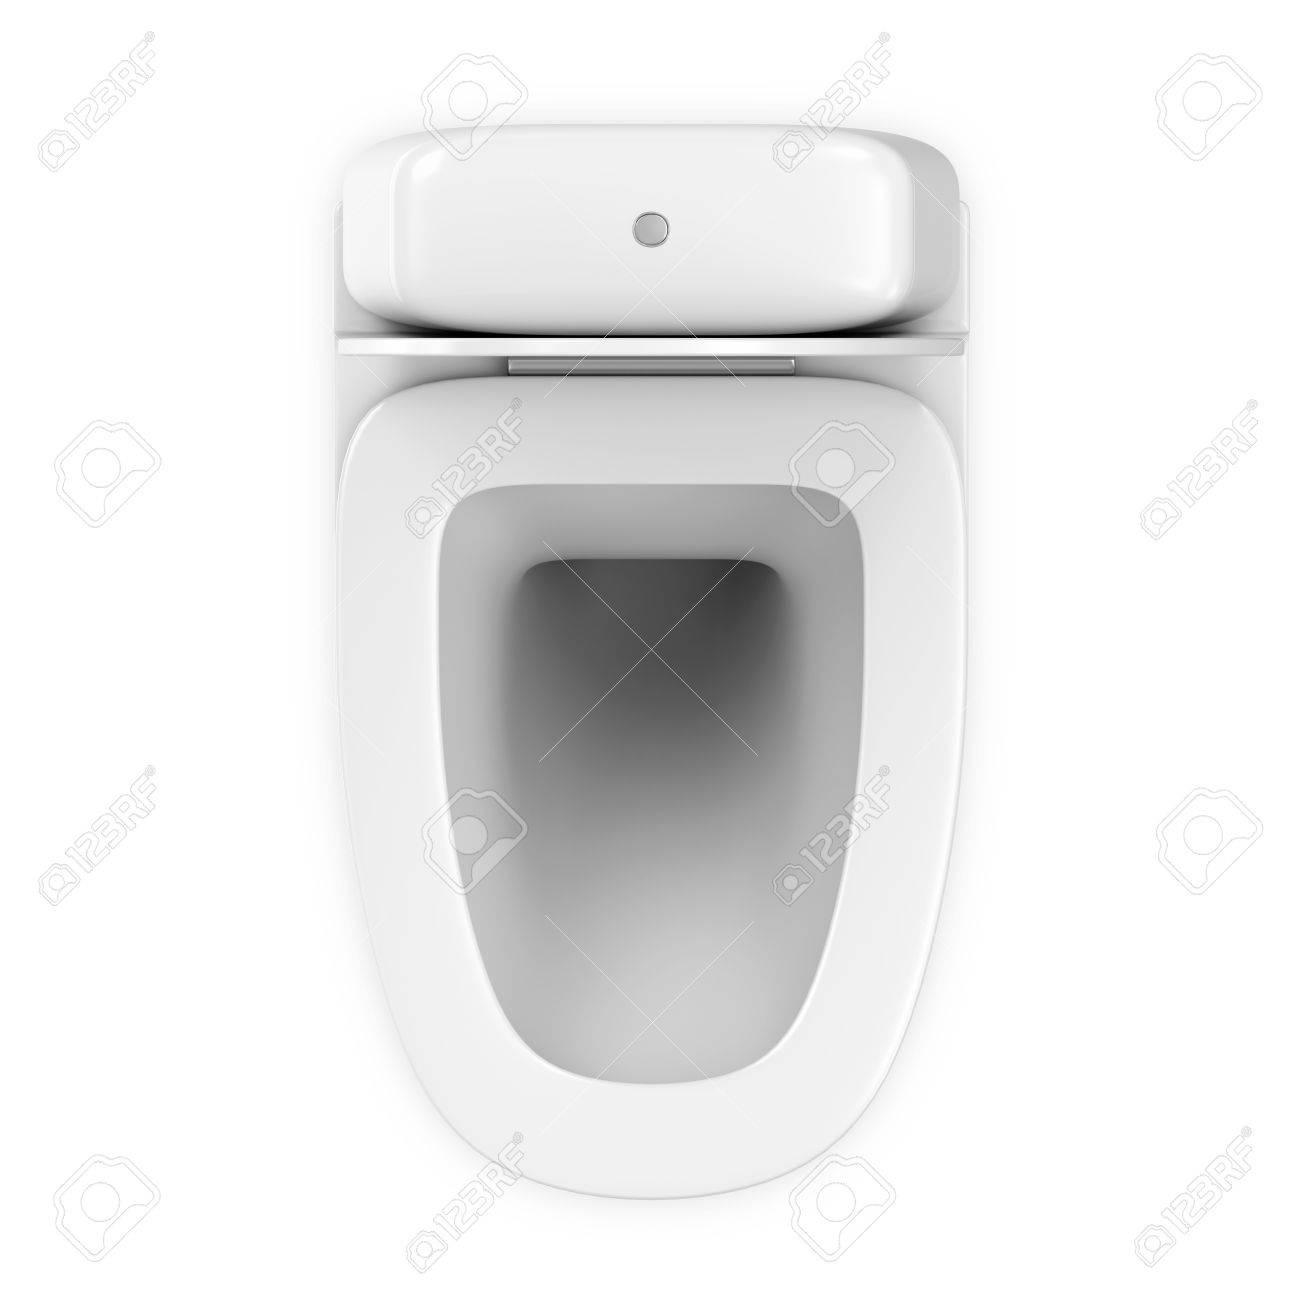 Inodoro De Cer Mica Moderno Aislado En El Fondo Blanco Fotos  ~ Como Limpiar El Fondo Del Inodoro